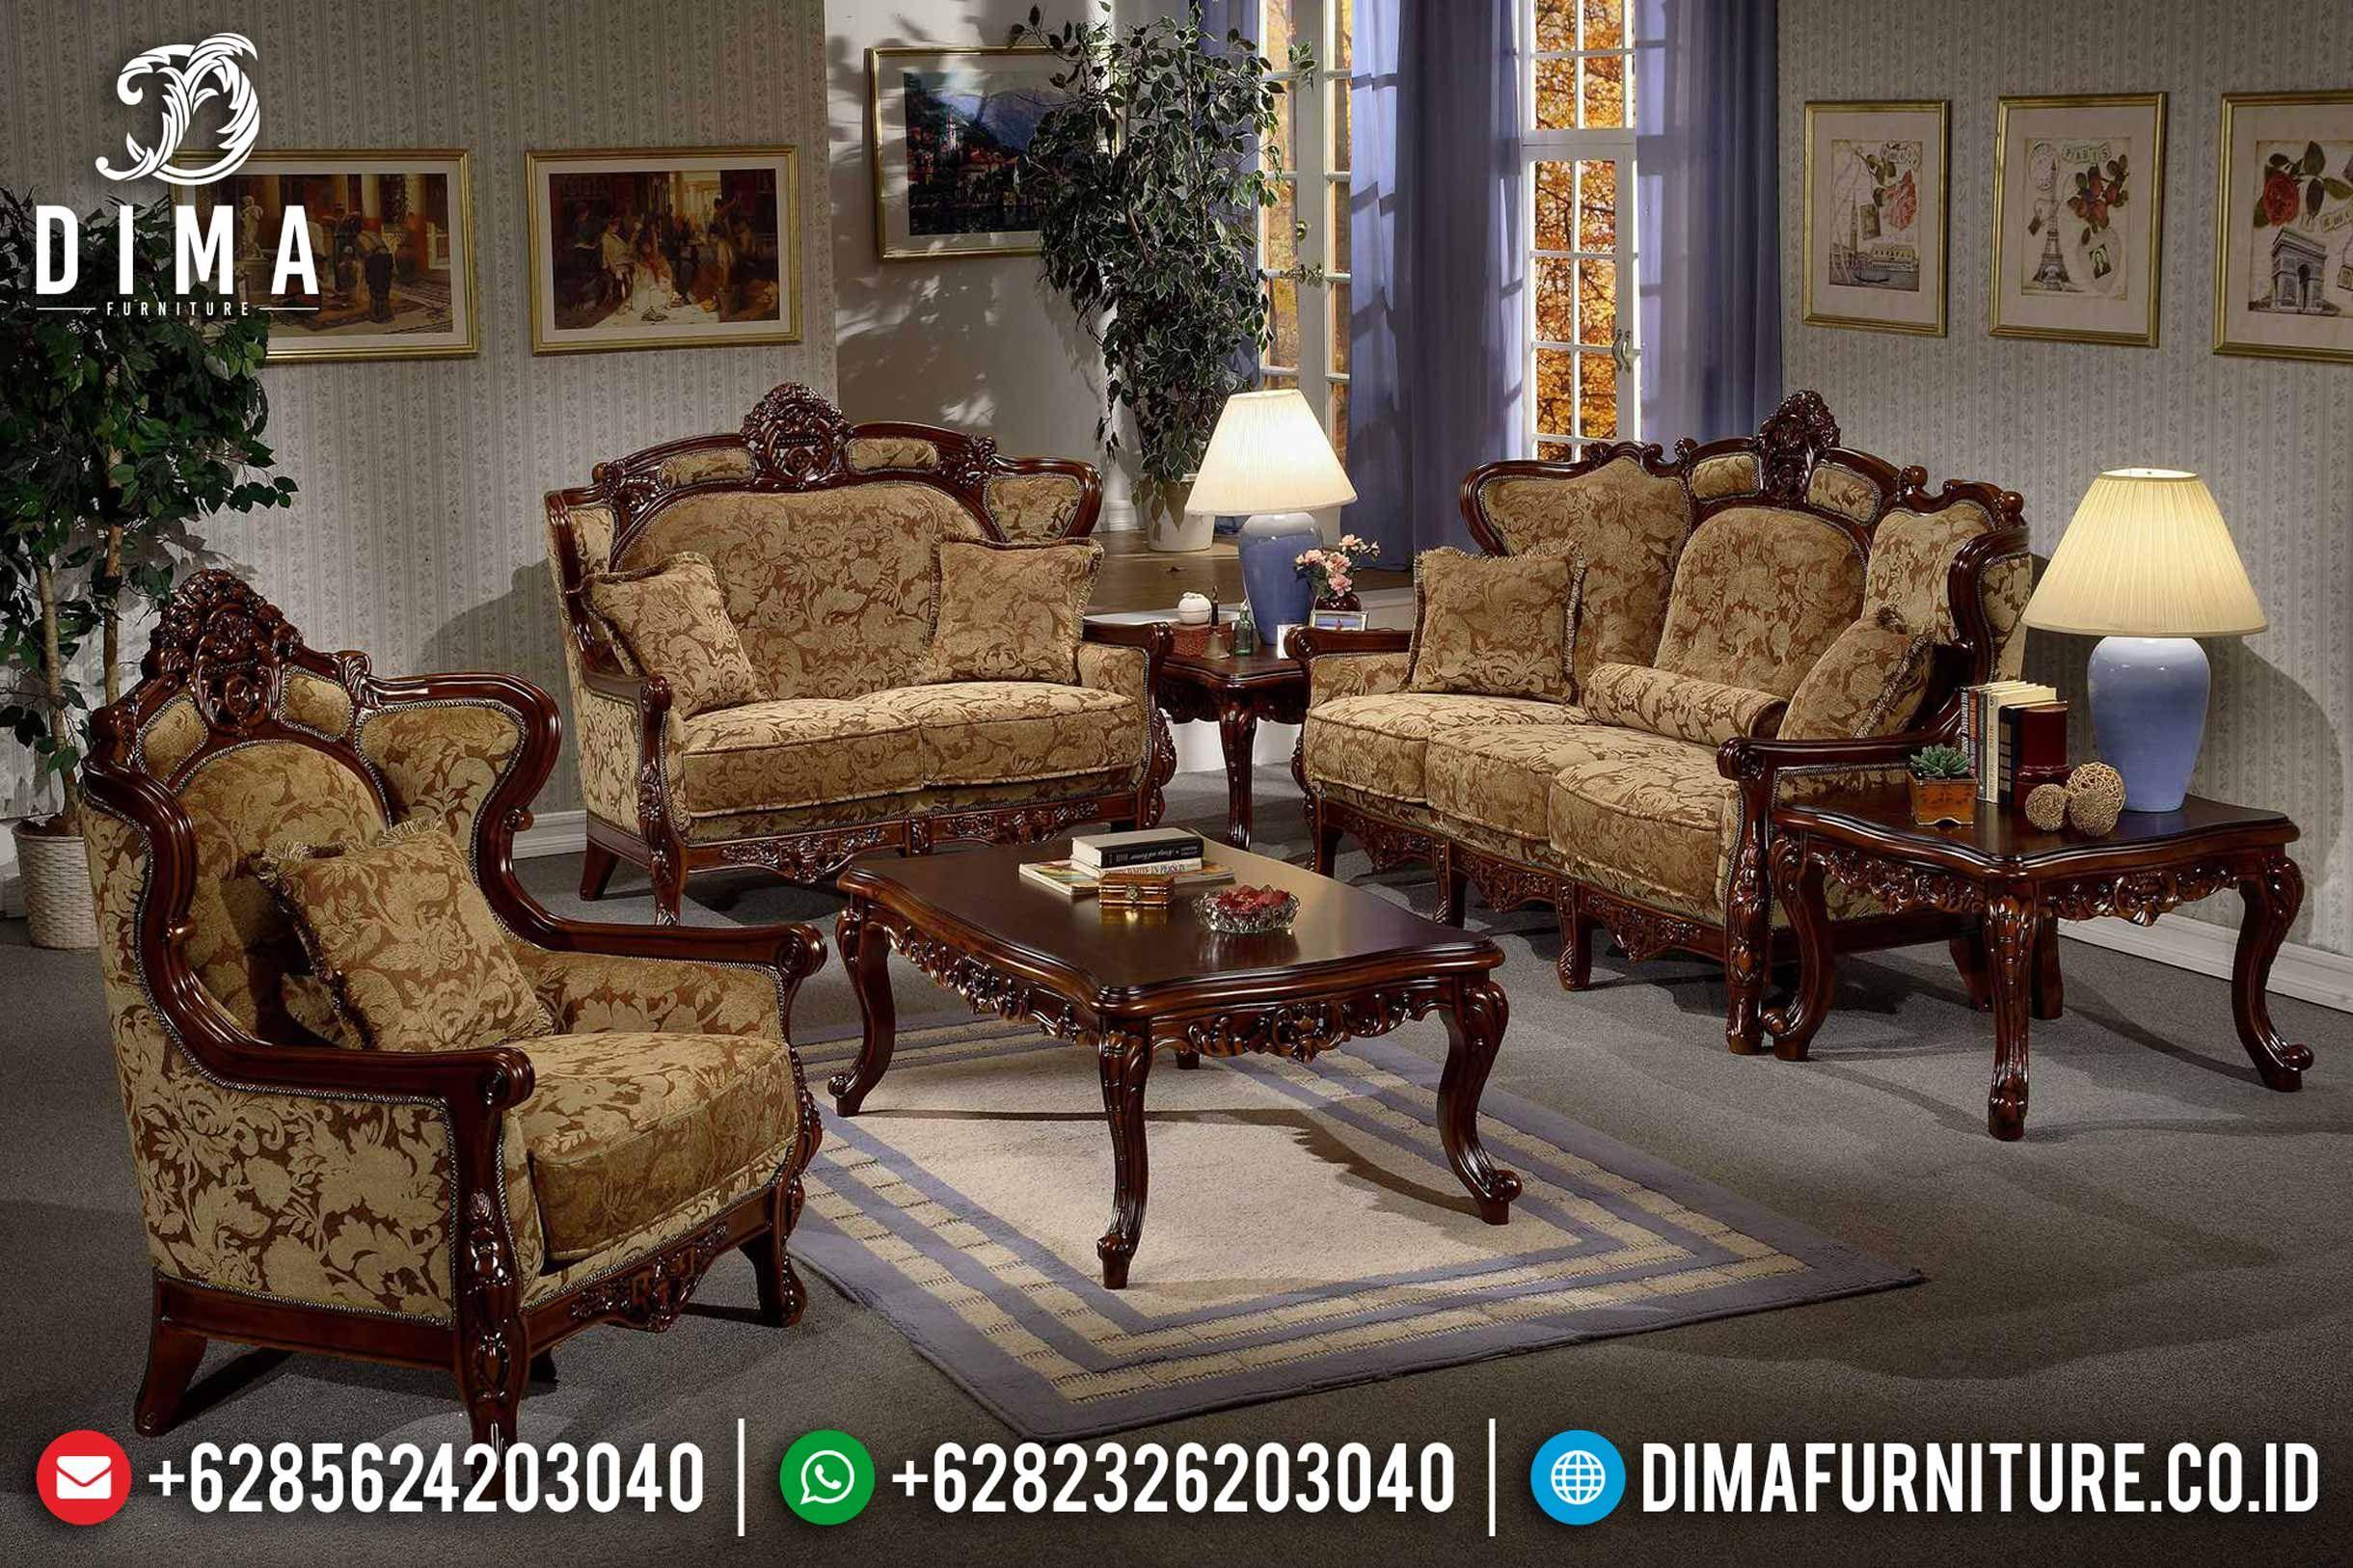 25 Pilihan Sofa Tamu Jepara Terbaik Model Mewah Dan Minimalis Dima Furniture Jepara In 2020 Living Room Sets Furniture Sofa Design Wooden Sofa Set